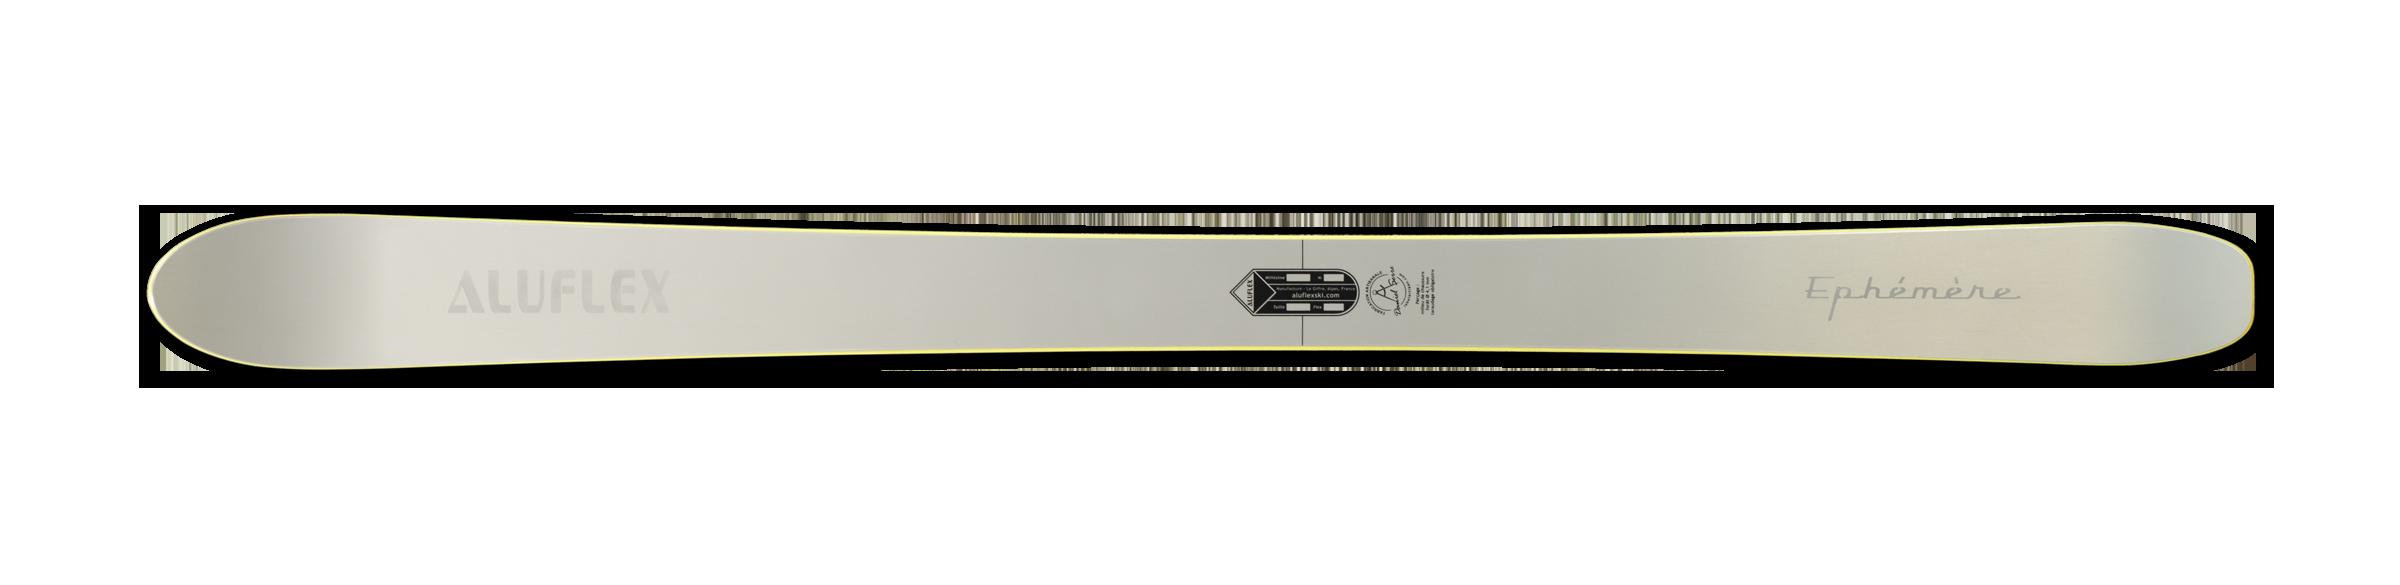 Ski Aluflex Éphémère jaune